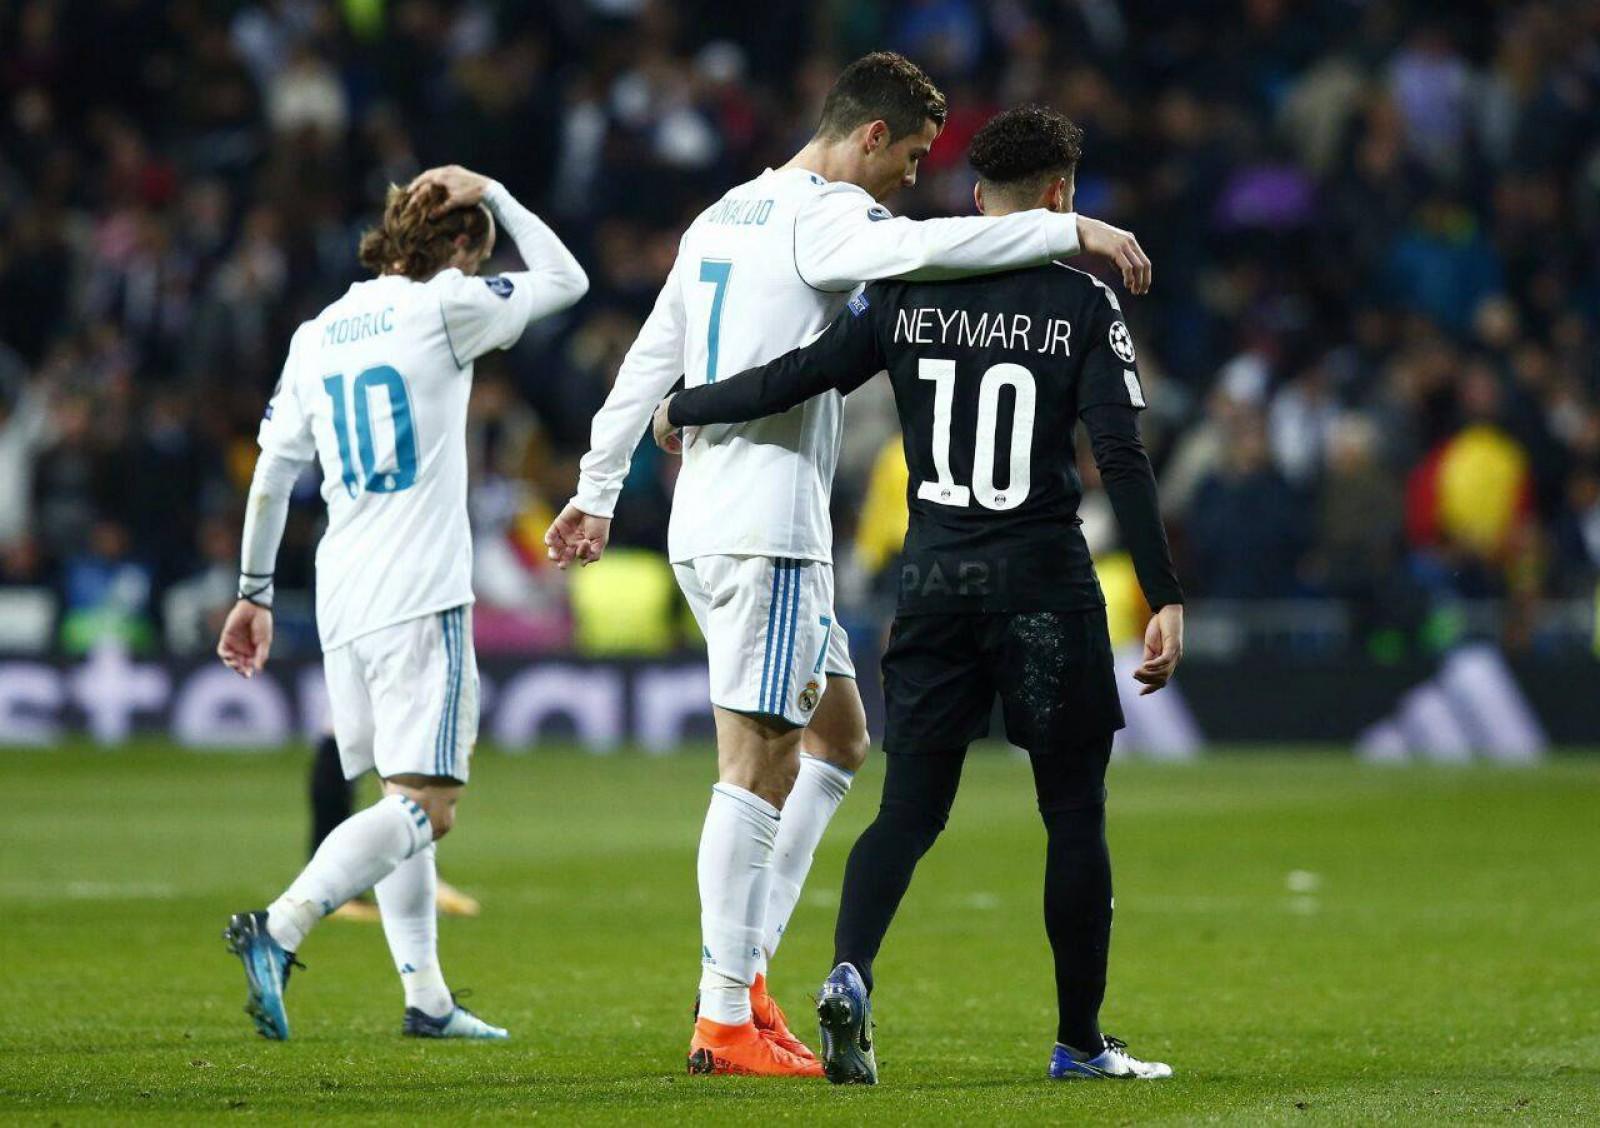 Real Madrid 3-1 PSG: Cristiano Ronaldo a fost jucătorul meciului pentru madrileni, reușind o dublă în poarta parizienilor